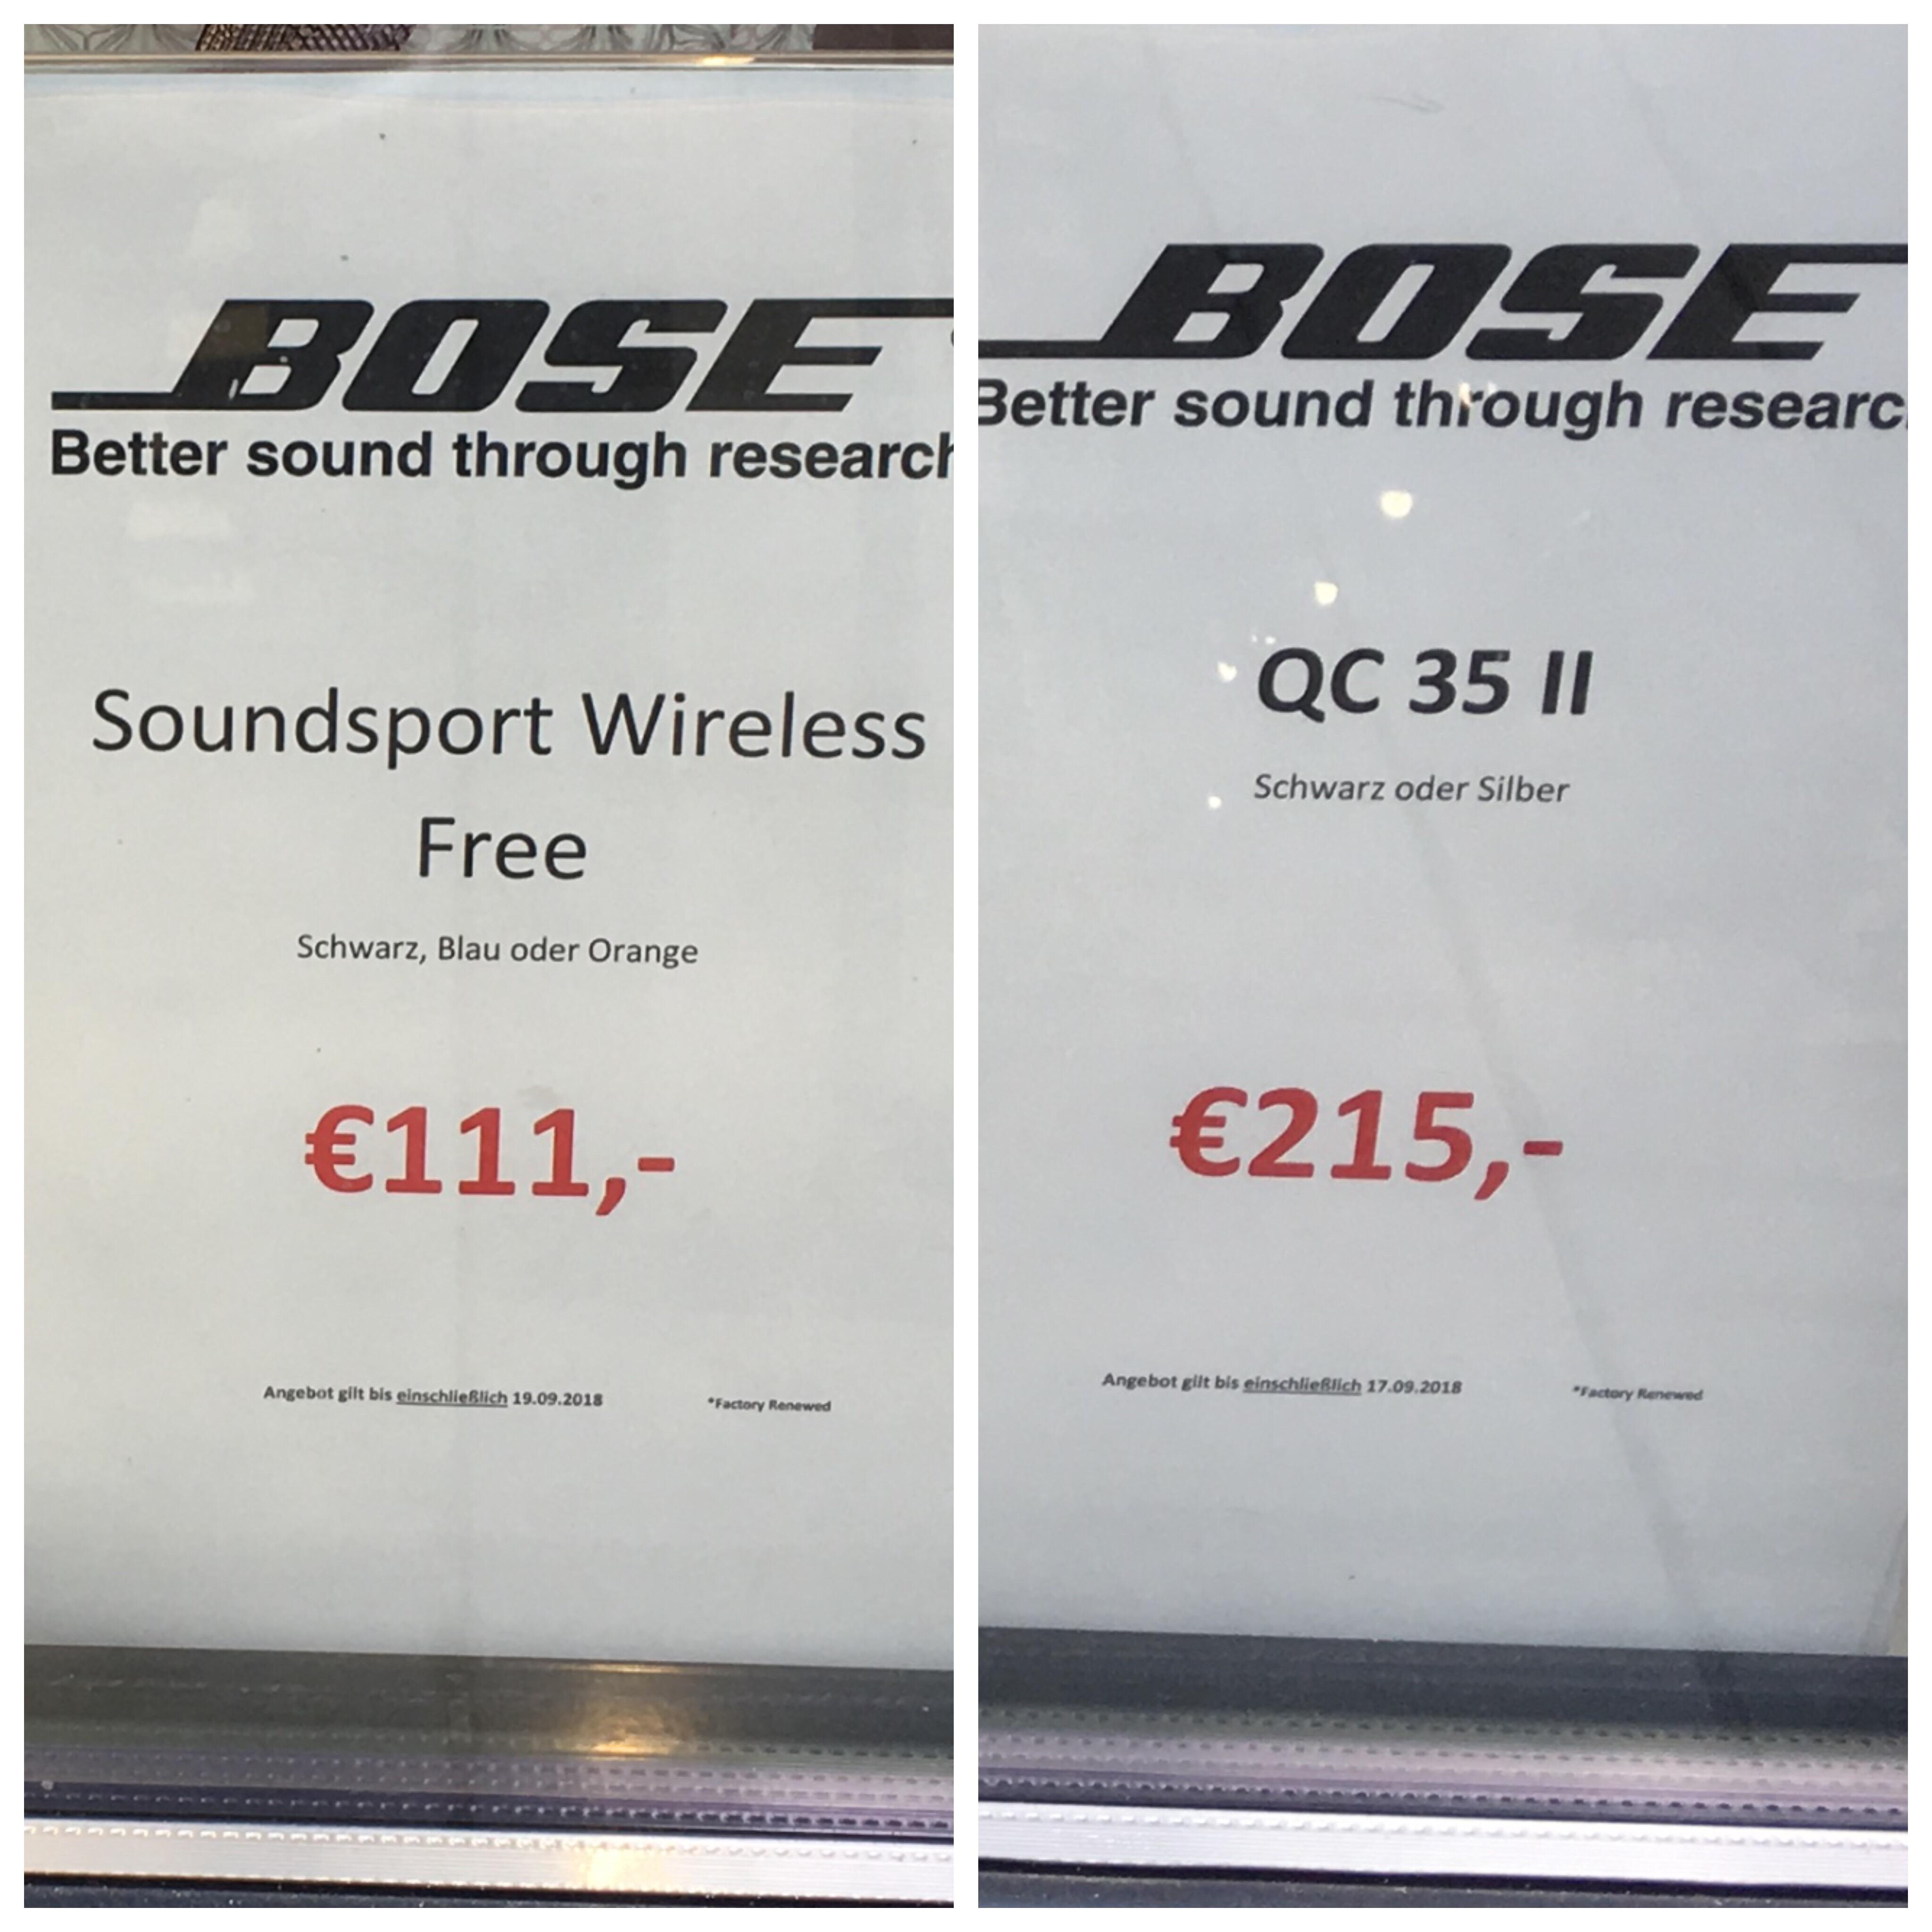 Sammeldeal [Lokal] Bonn Bose Store SoundSport Wireless 111,-€ Quiet Comfort 35 II 215,-€